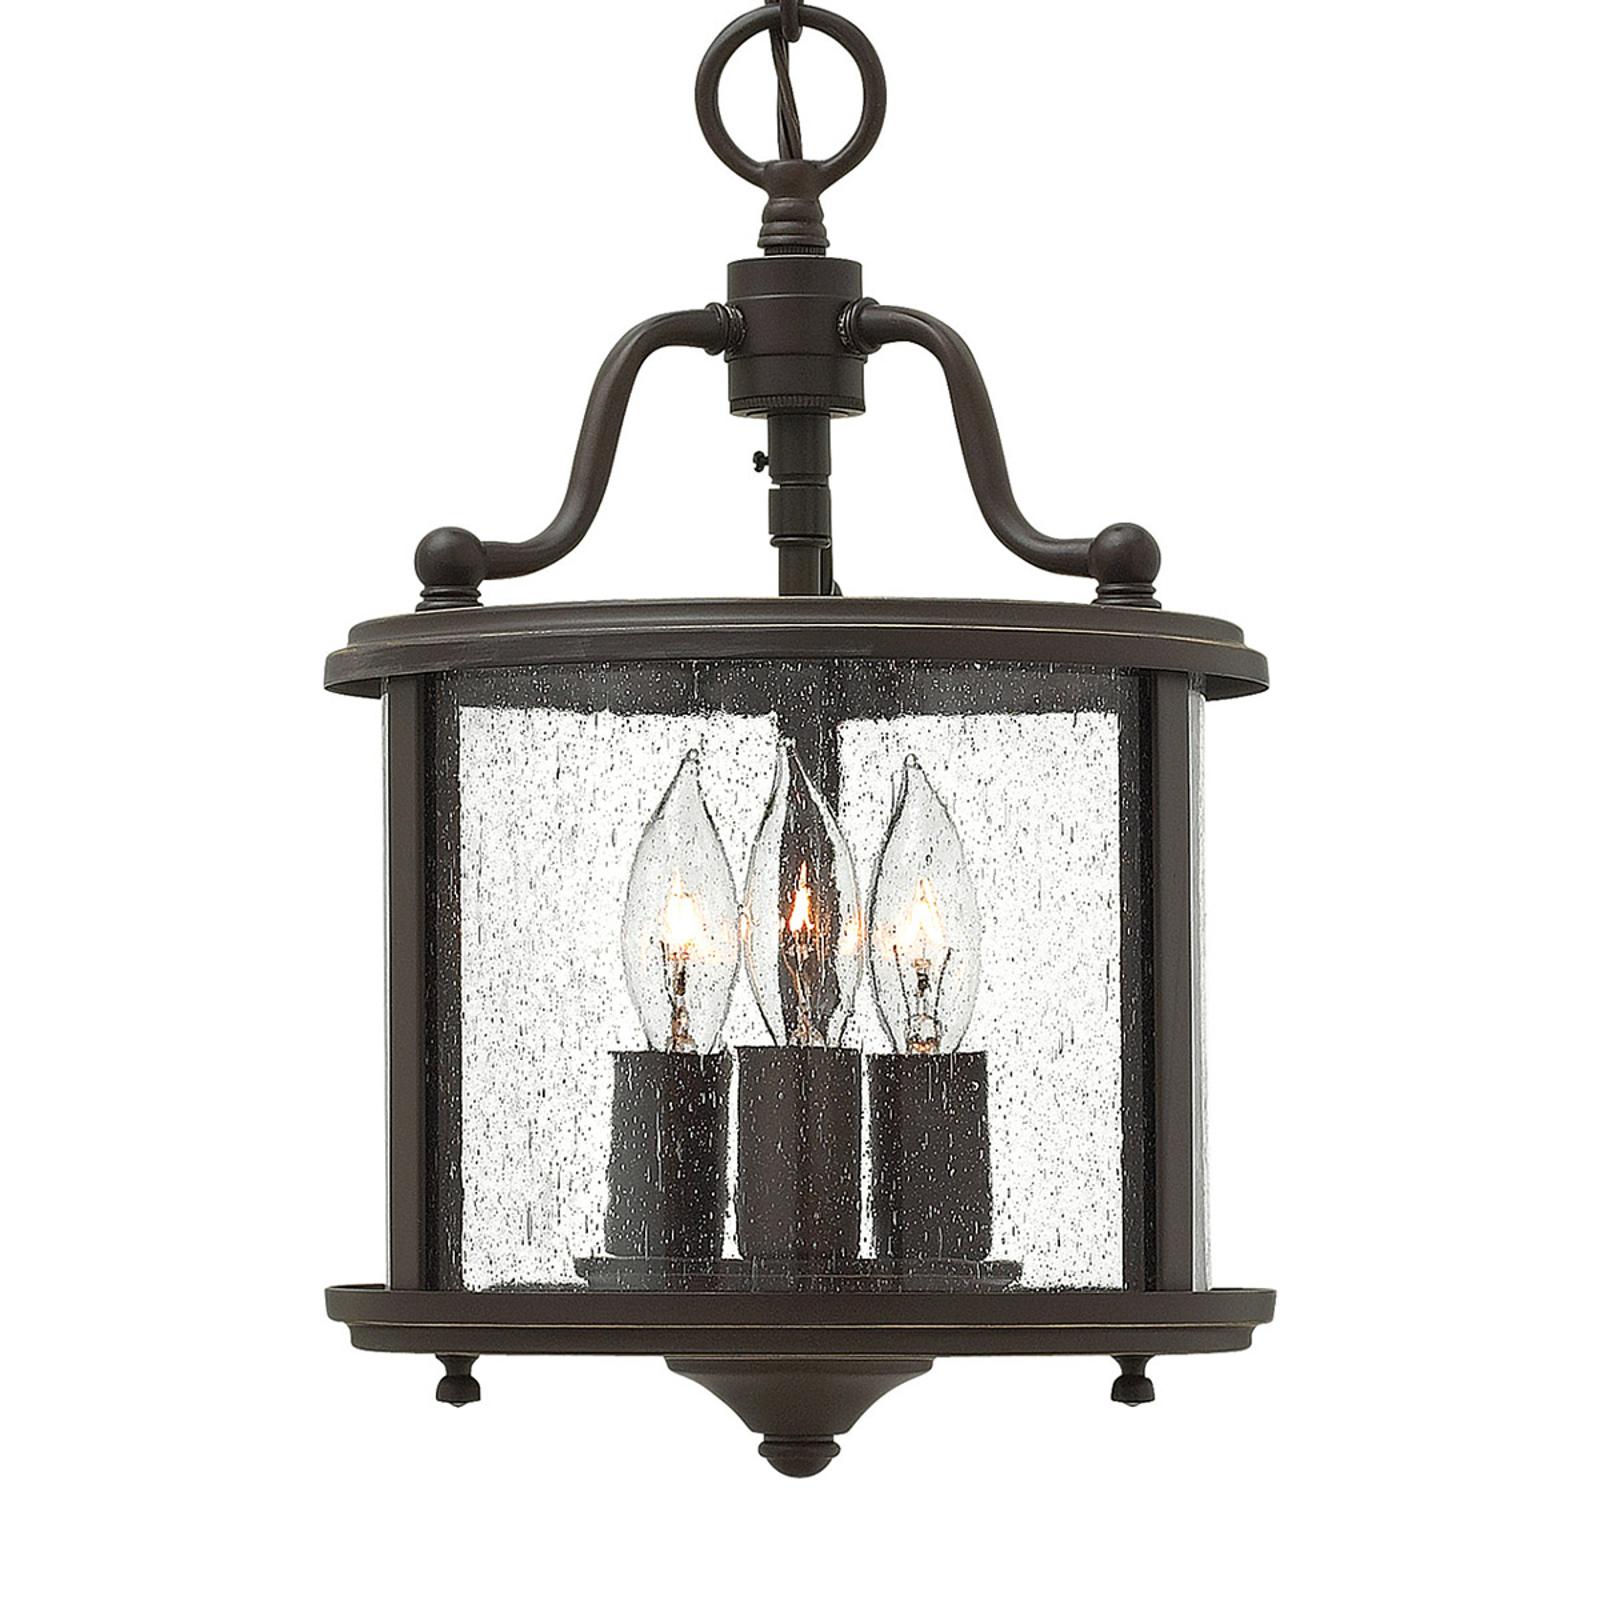 Gentry hængelampe, antikt design